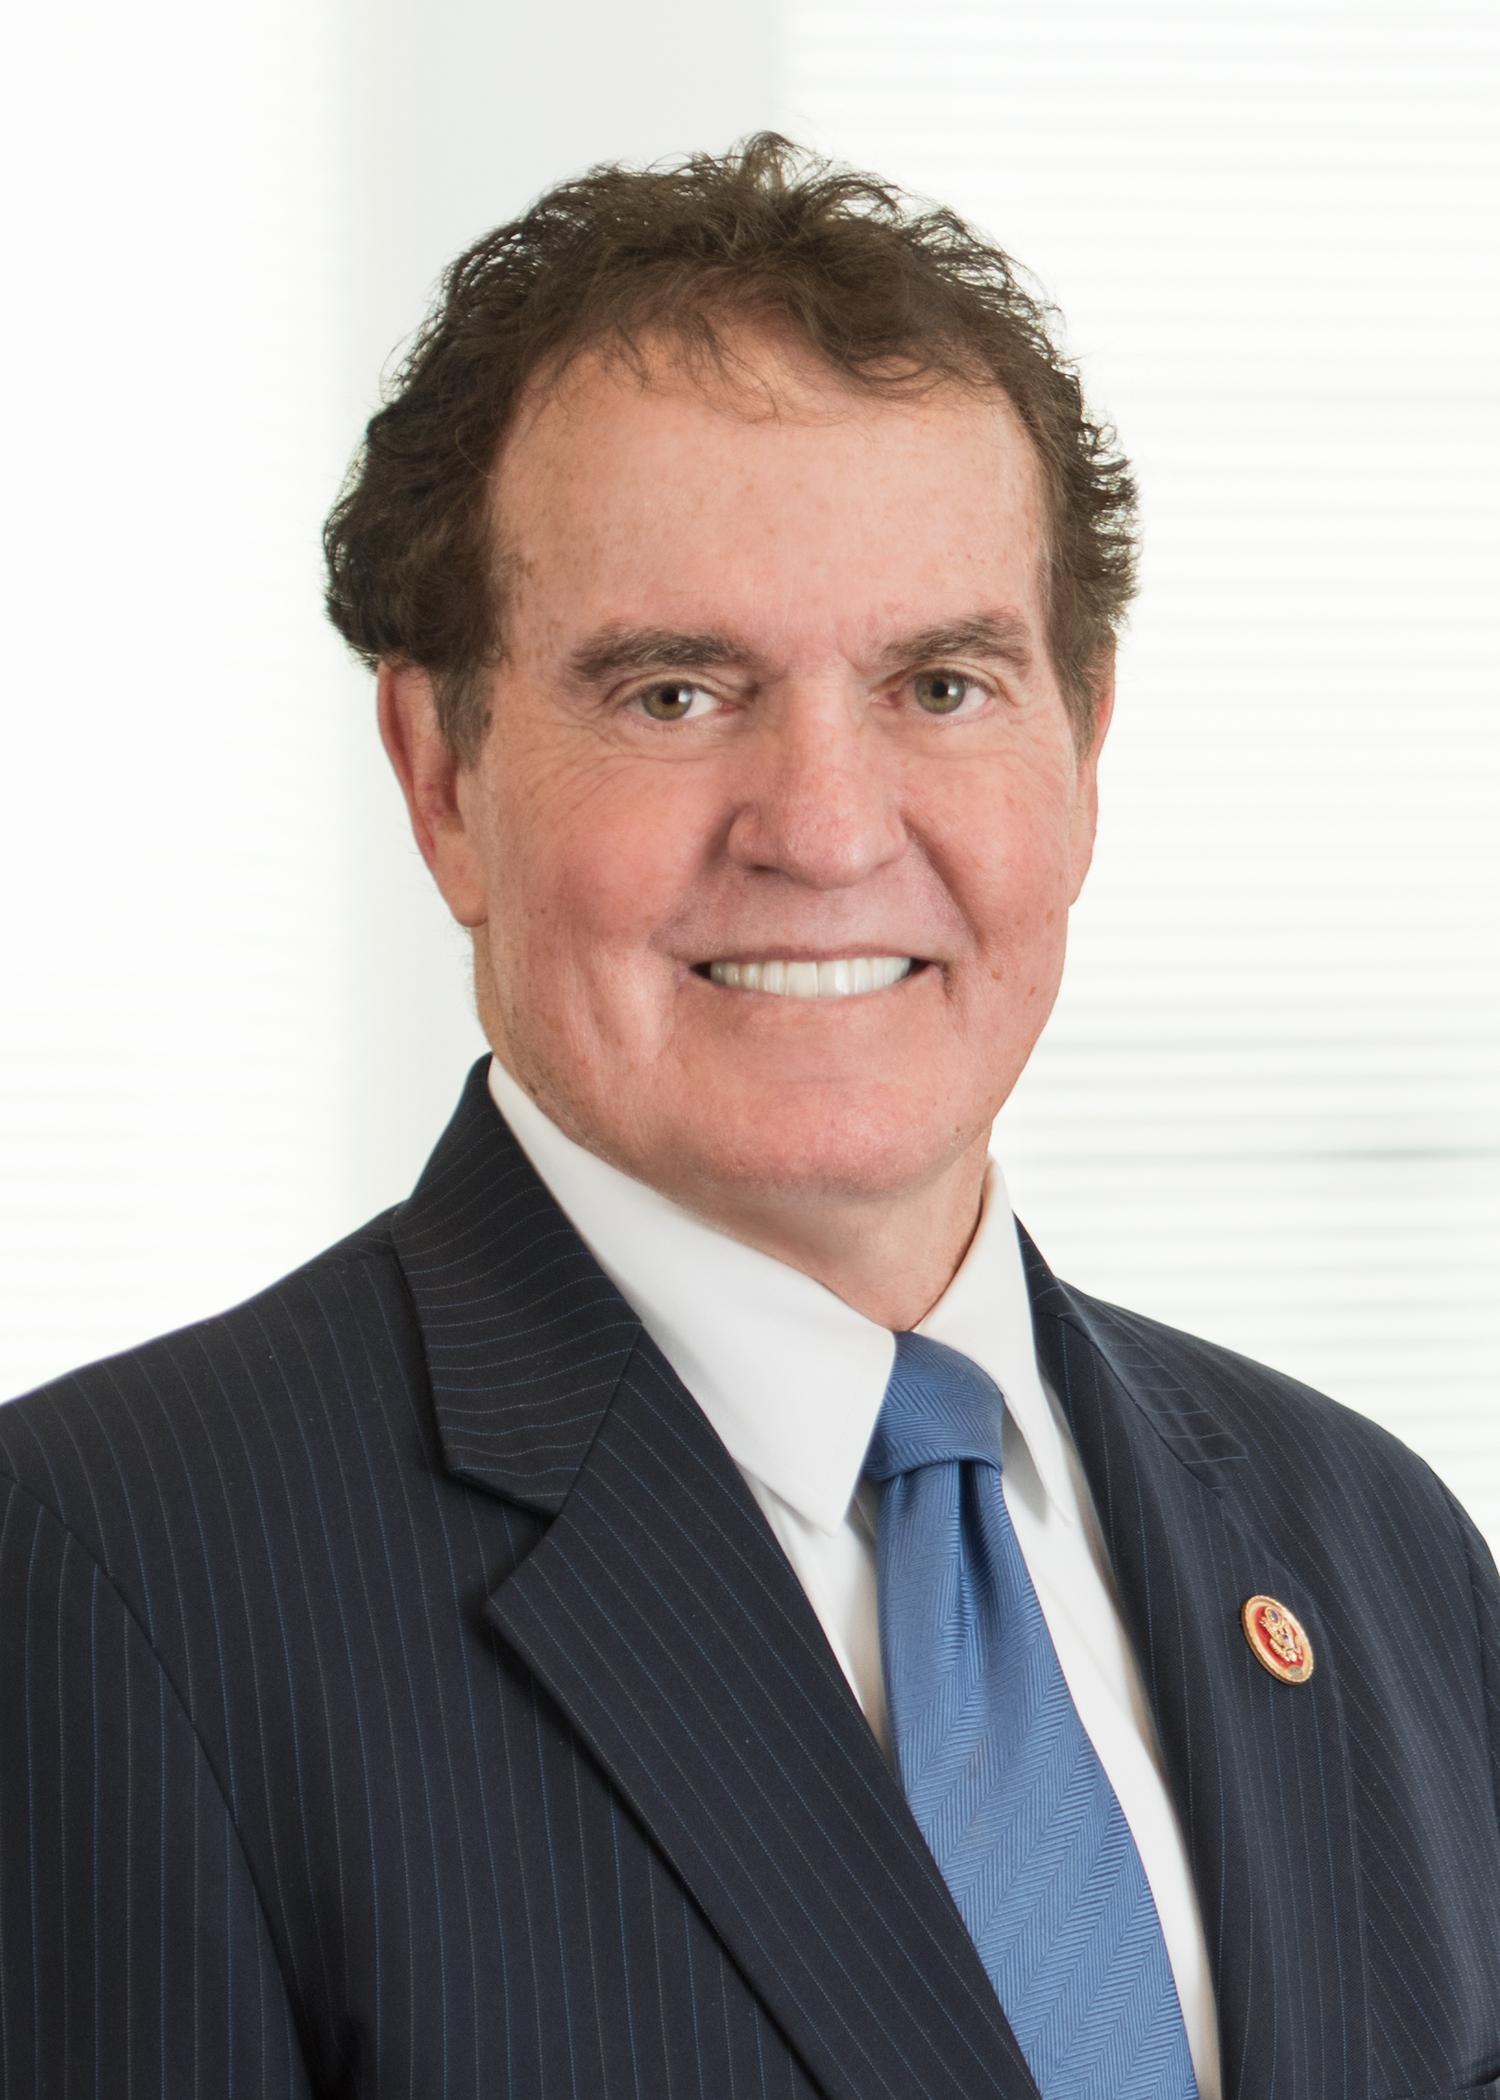 Phil Gingrey